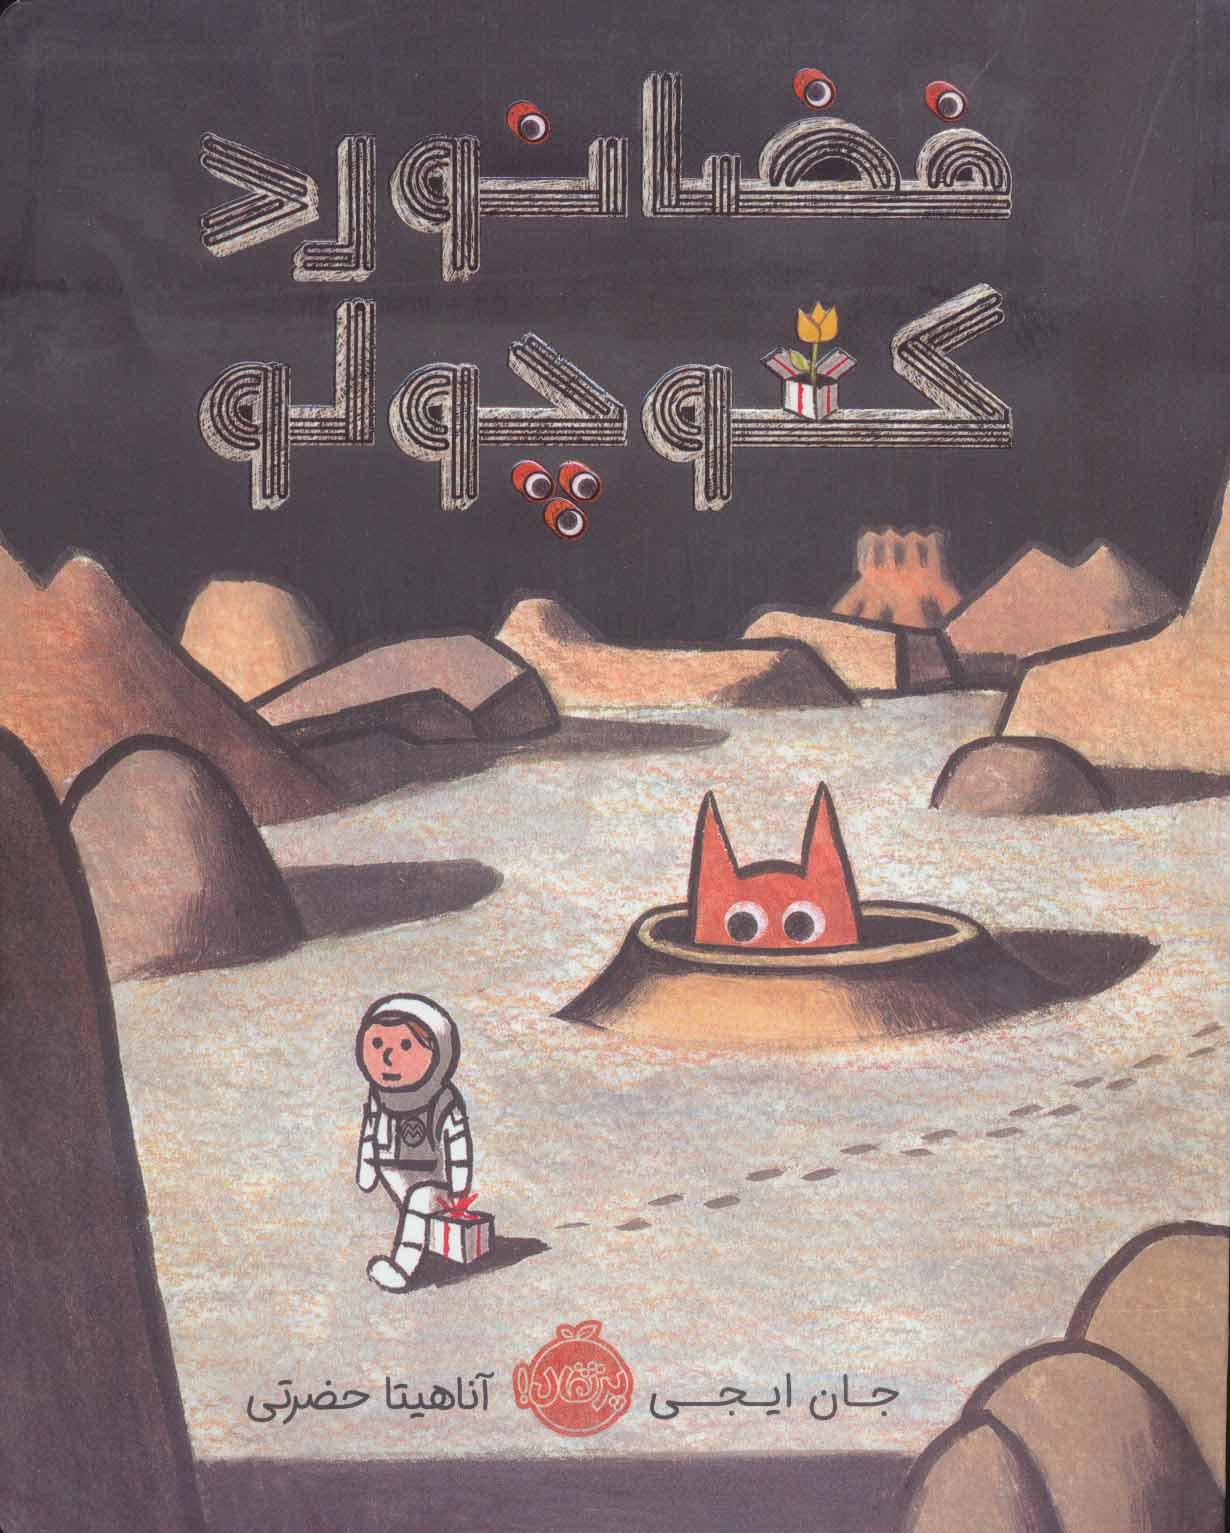 رمان فضانورد کوچولو